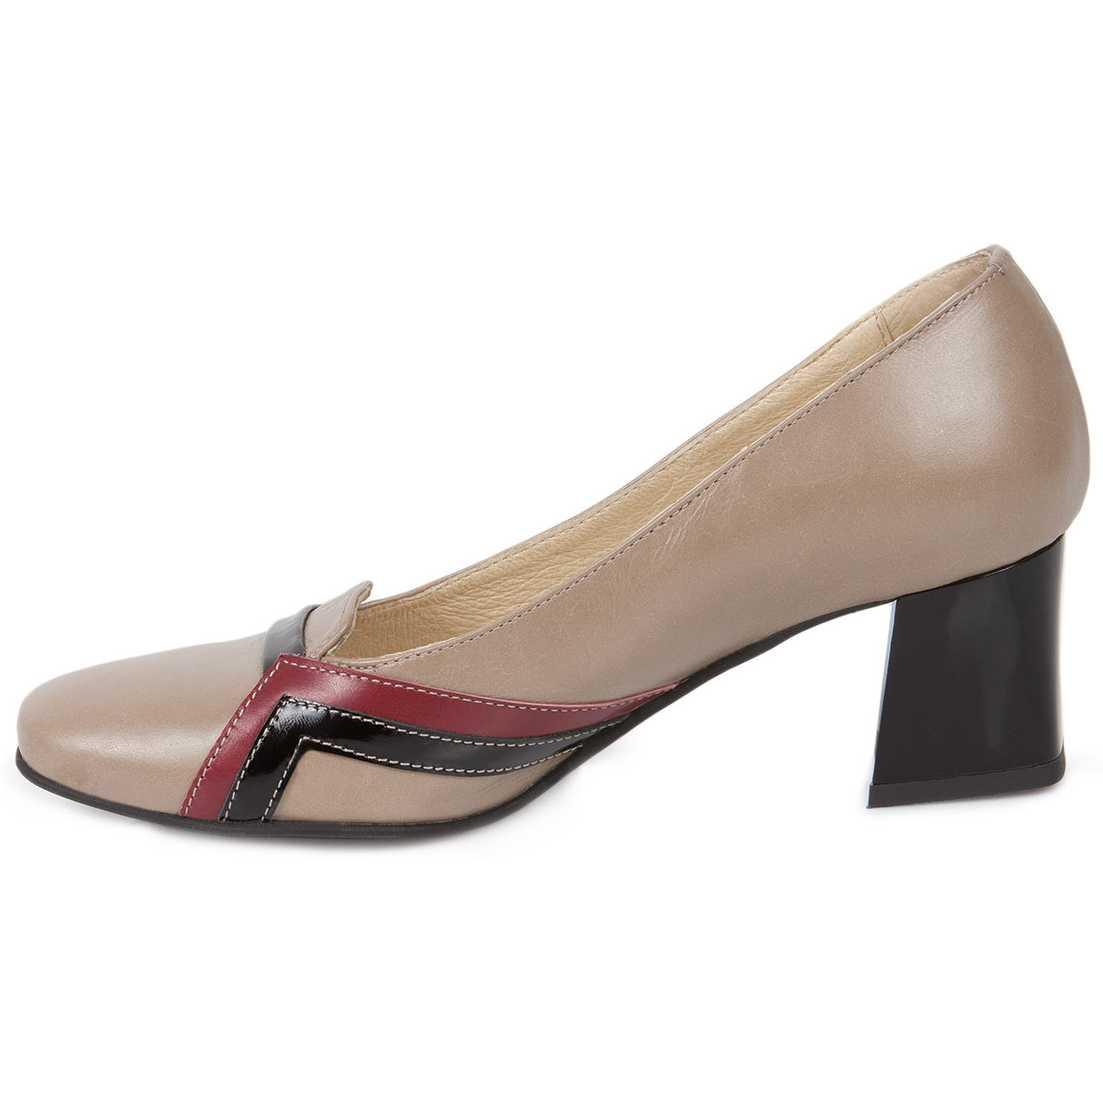 Pantofi kaki cu negru cu toc mic din piele naturala model 248